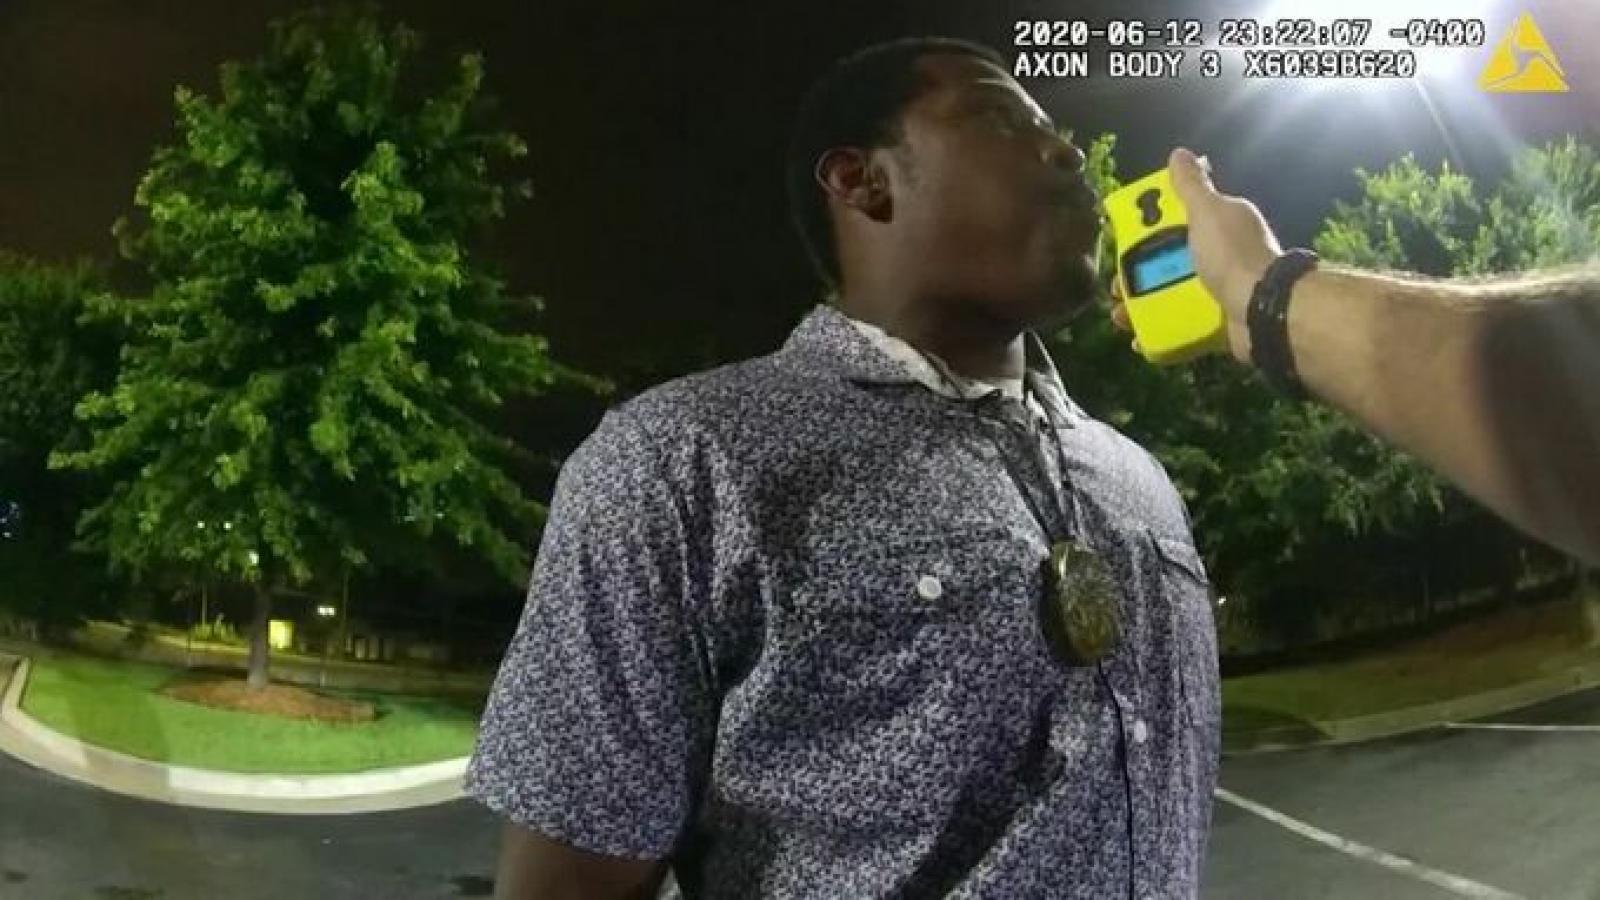 Tình tiết bất ngờ vụ án cảnh sát Mỹ bắn chết người da màu tại Atlanta